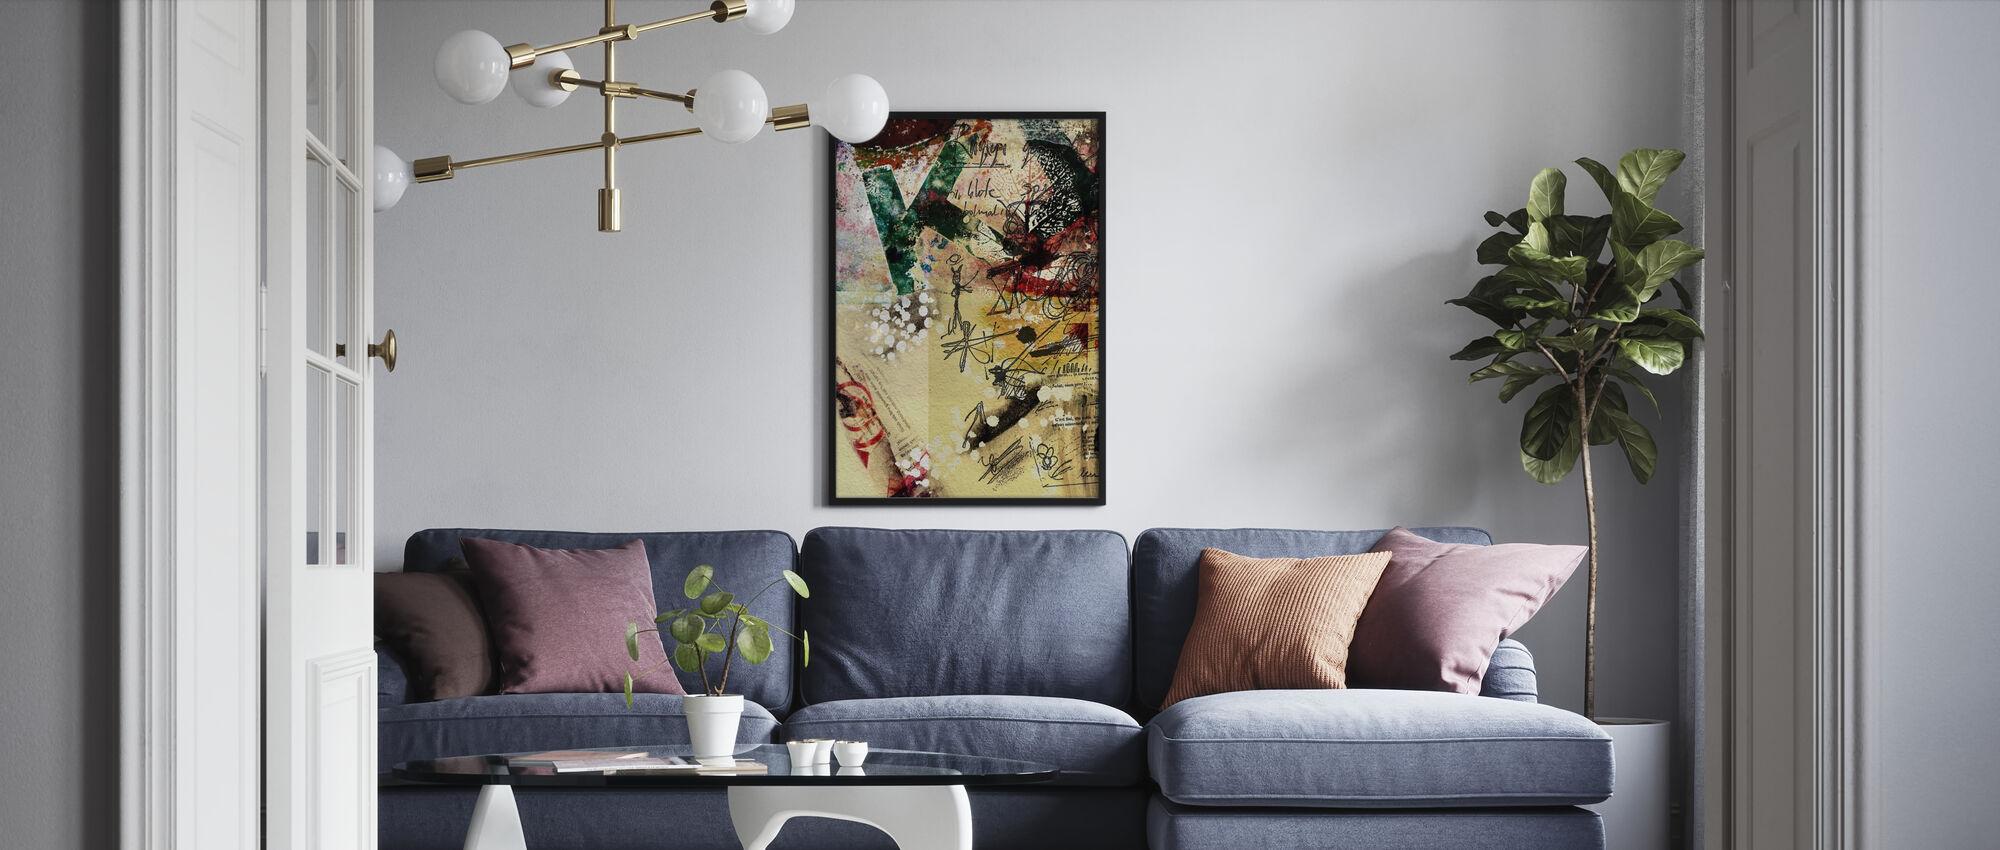 Juliste kollaasi - Kehystetty kuva - Olohuone